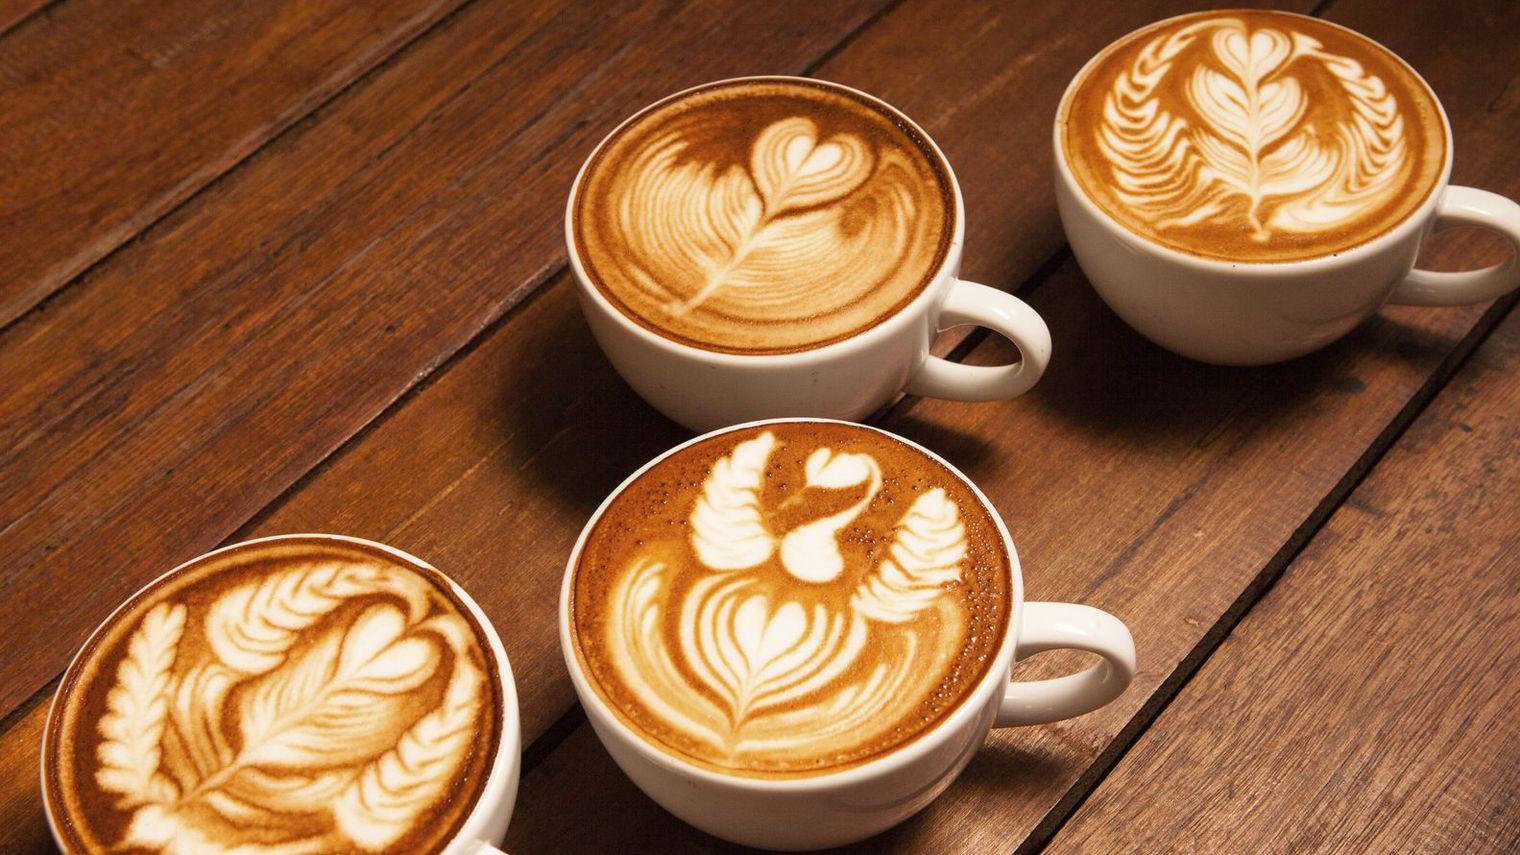 Profitable and Iconic Cafe Business Sydney SouthWest